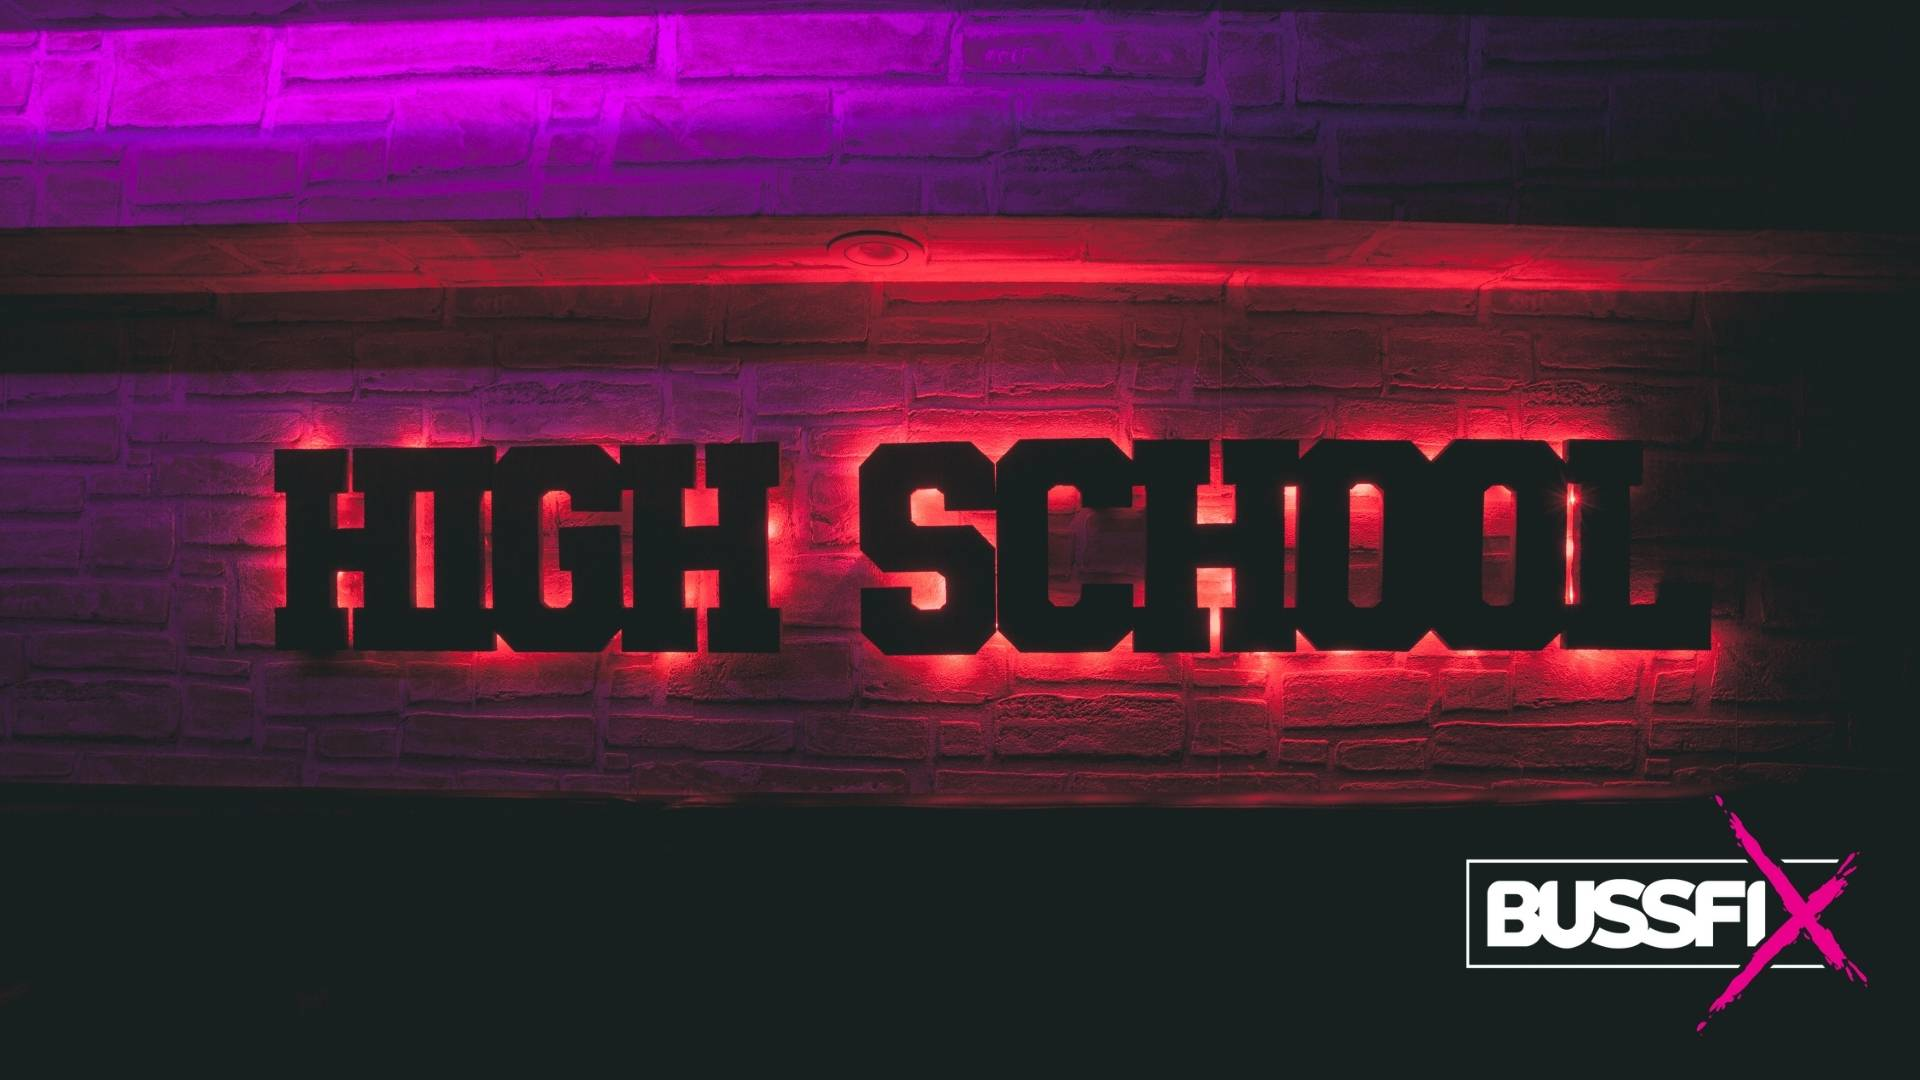 Kjøpe russebuss High School 2019